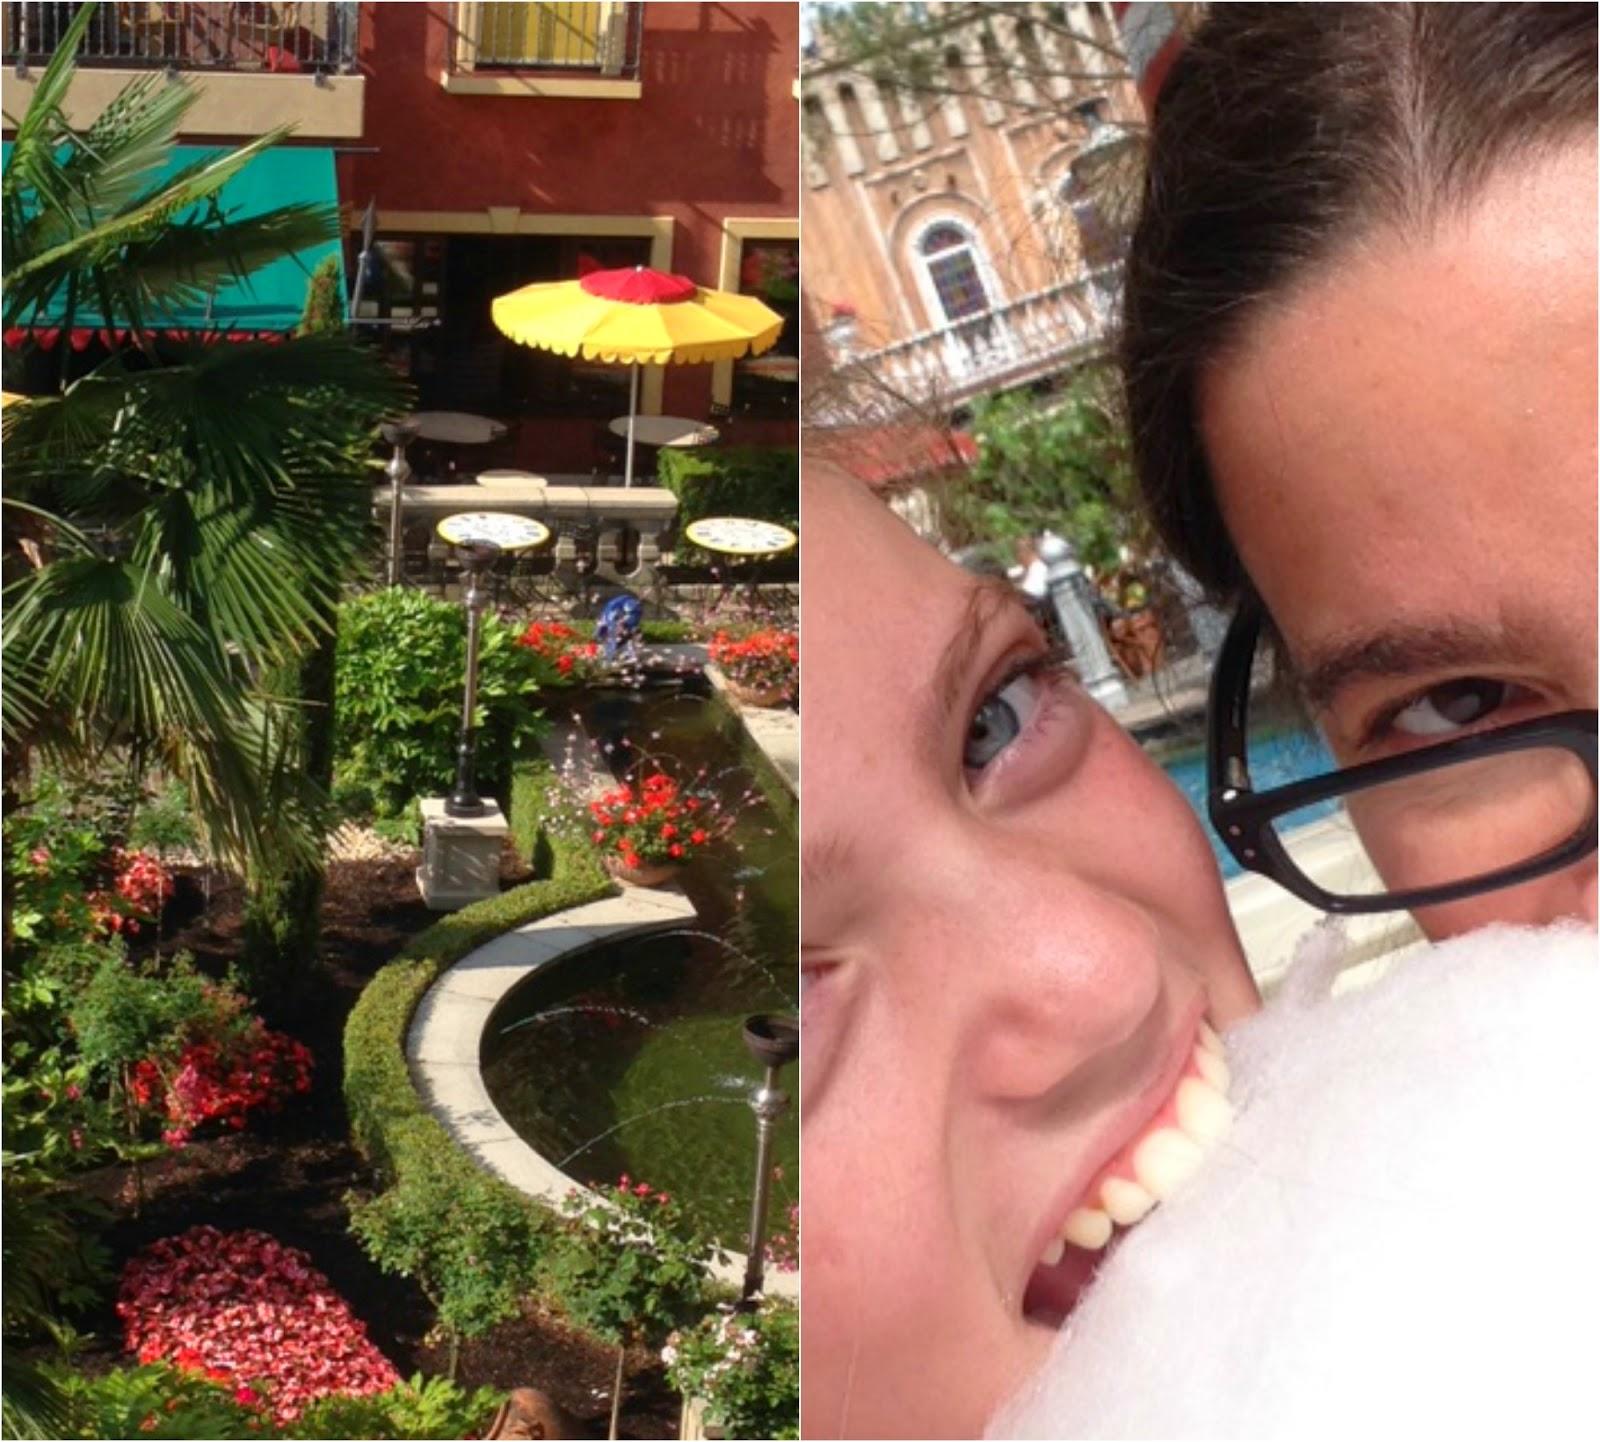 Unser Blick vom Balkon und die obligatorische Zuckerwatte, die mein Handydisplay komplett verklebt hat